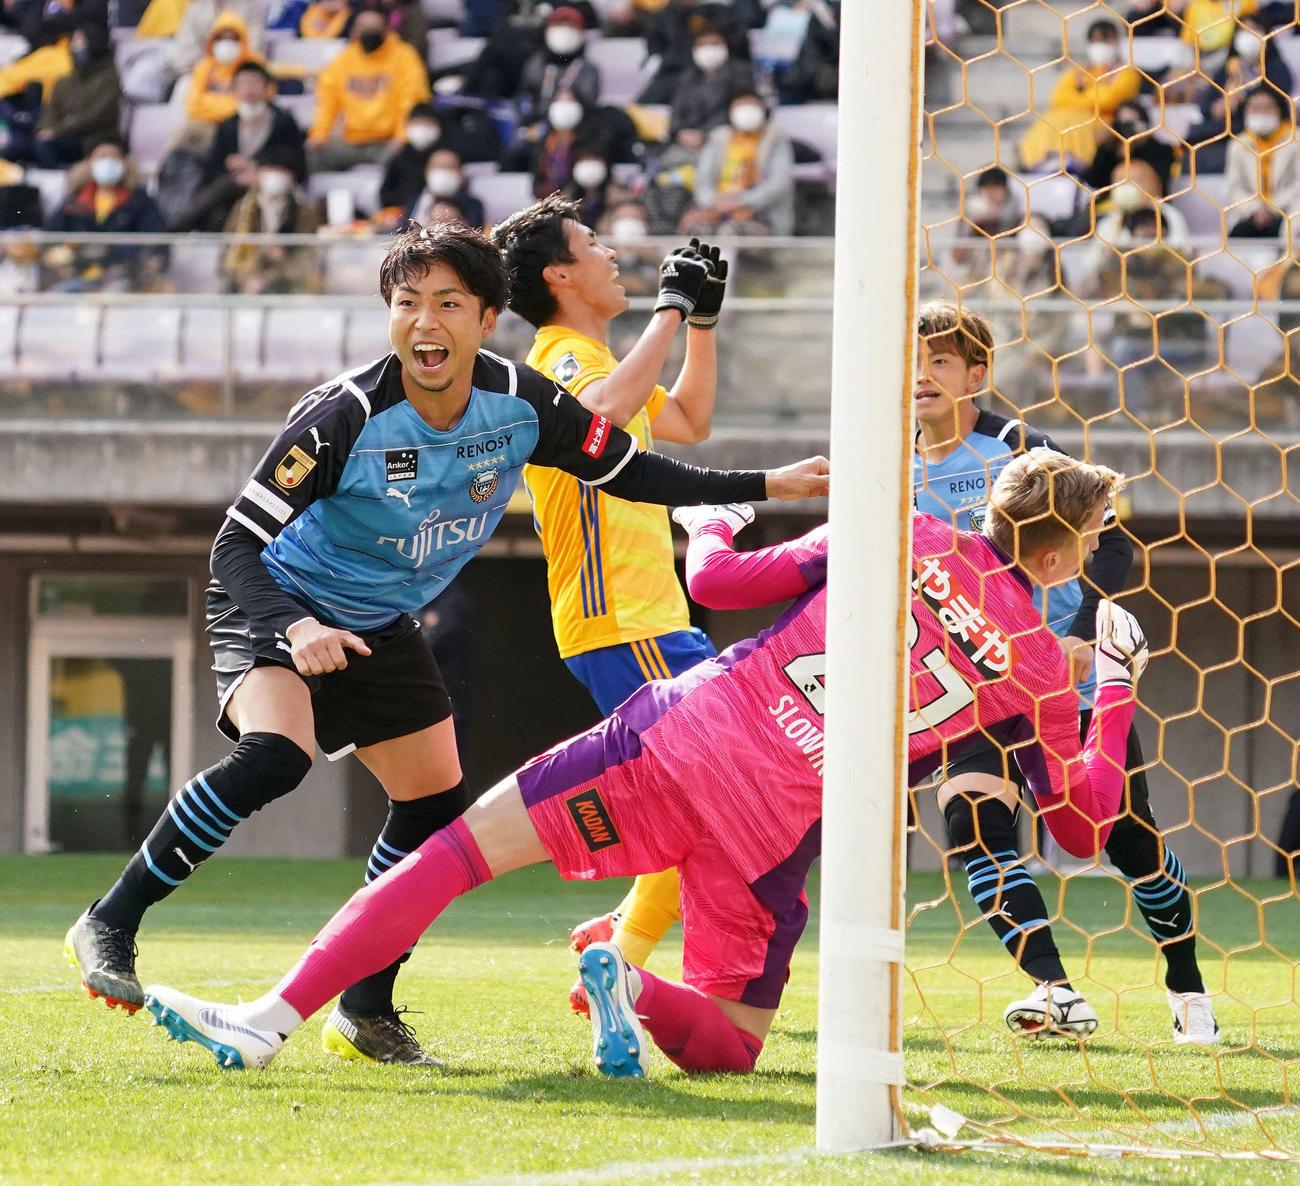 仙台対川崎F 前半、先制ゴールを決め喜ぶ川崎F・FW小林(左)(撮影・江口和貴)